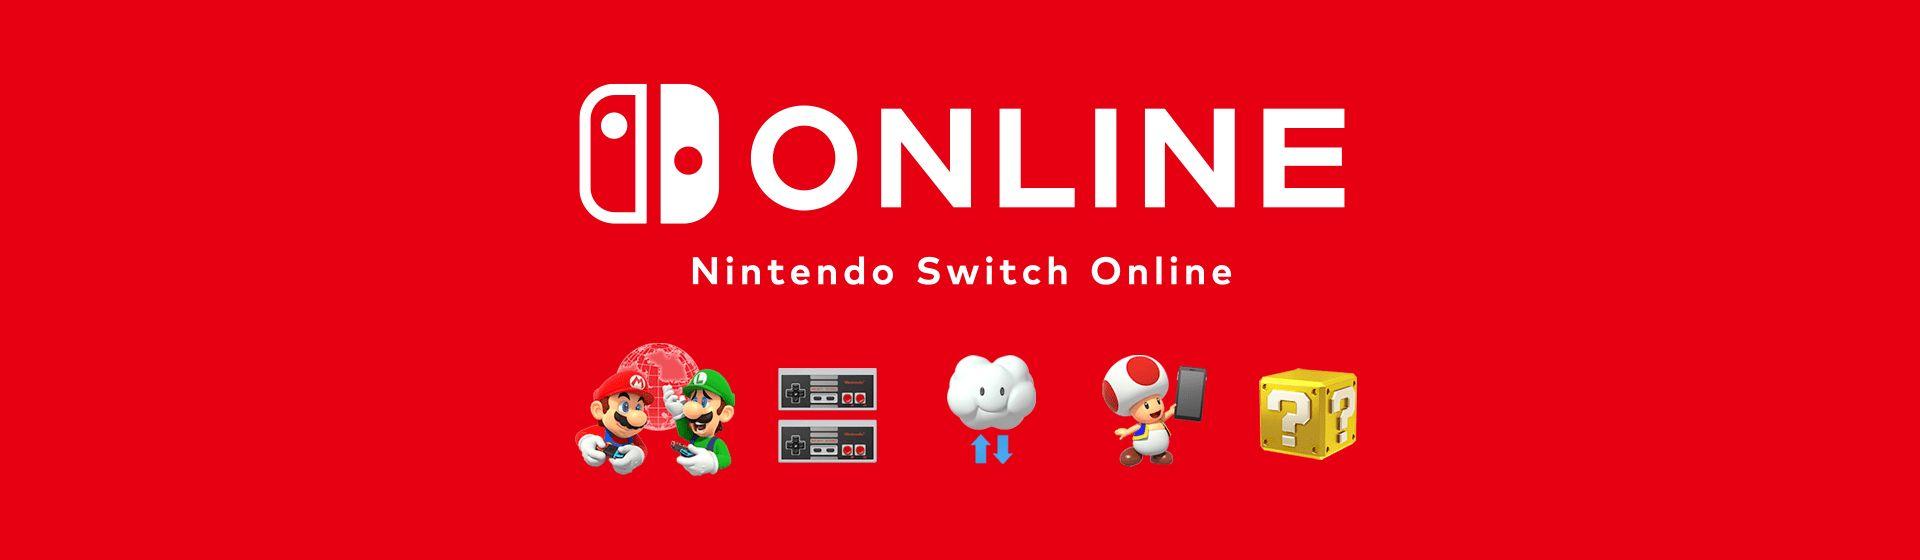 Nintendo Switch Online no Brasil: qual o preço e como funciona?